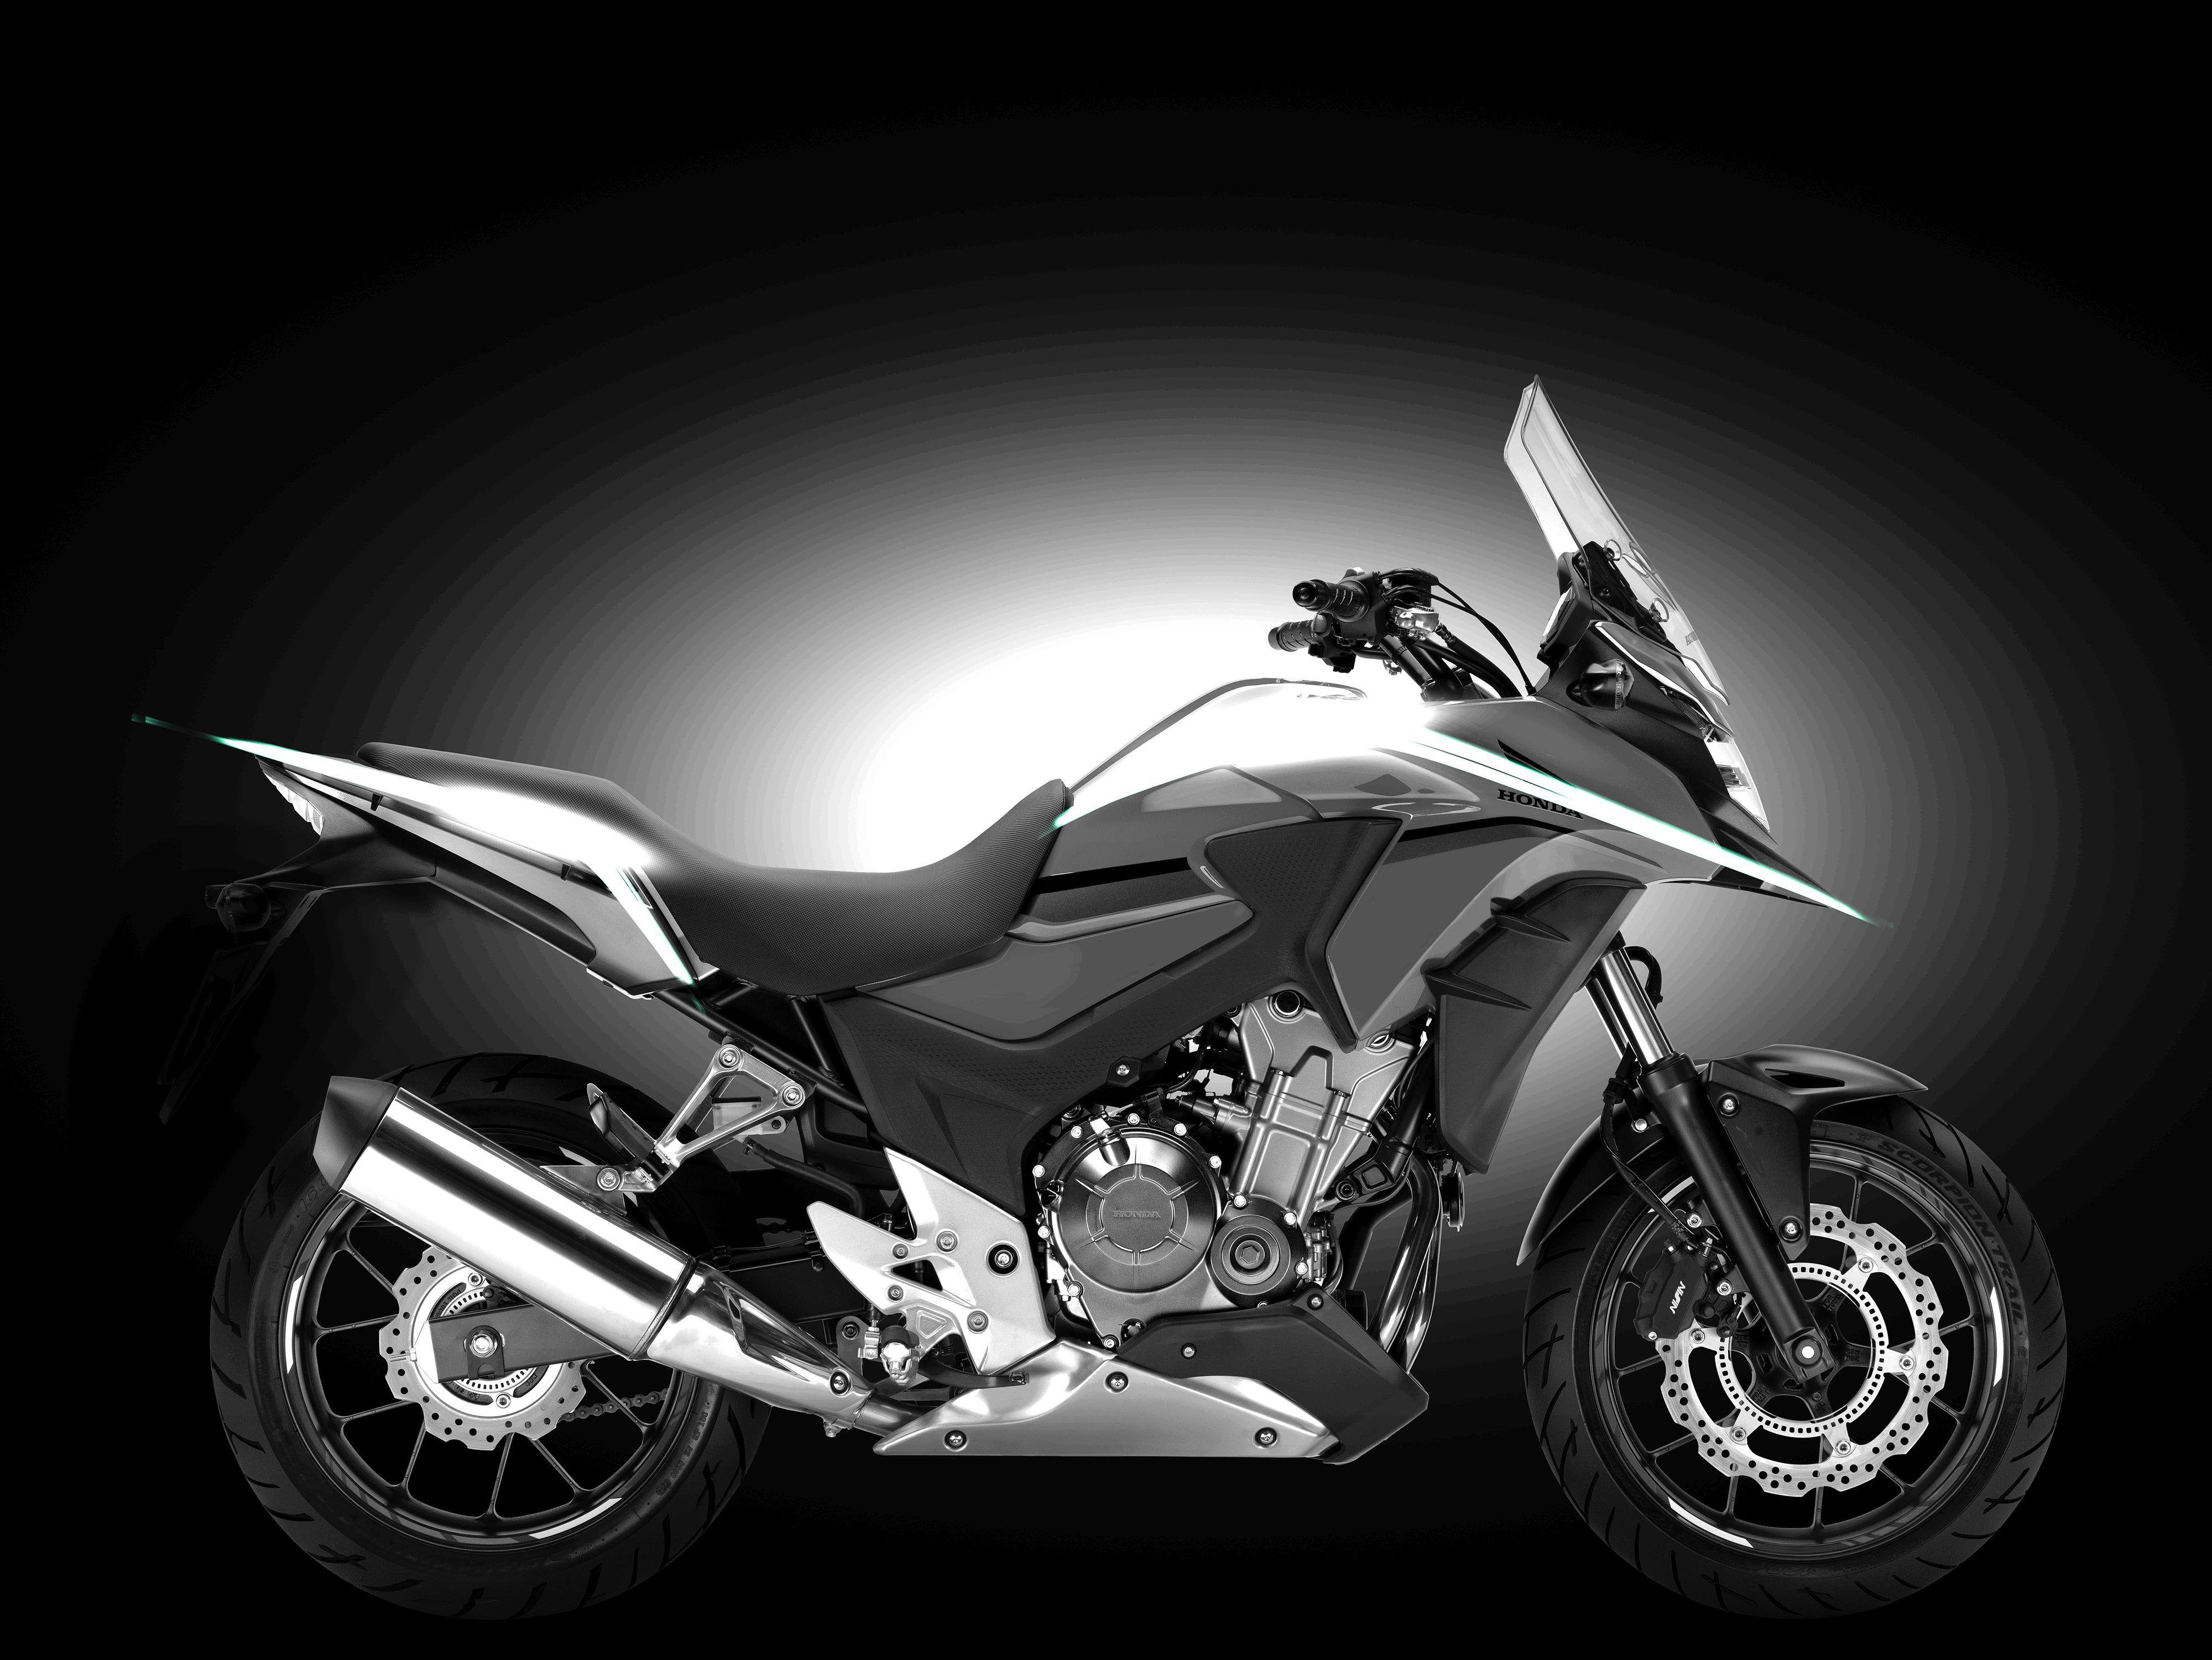 2016 honda cb500x 03g 40003002 motos doble propsito pinterest 2016 honda cb500x 03g 40003002 cheapraybanclubmaster Gallery